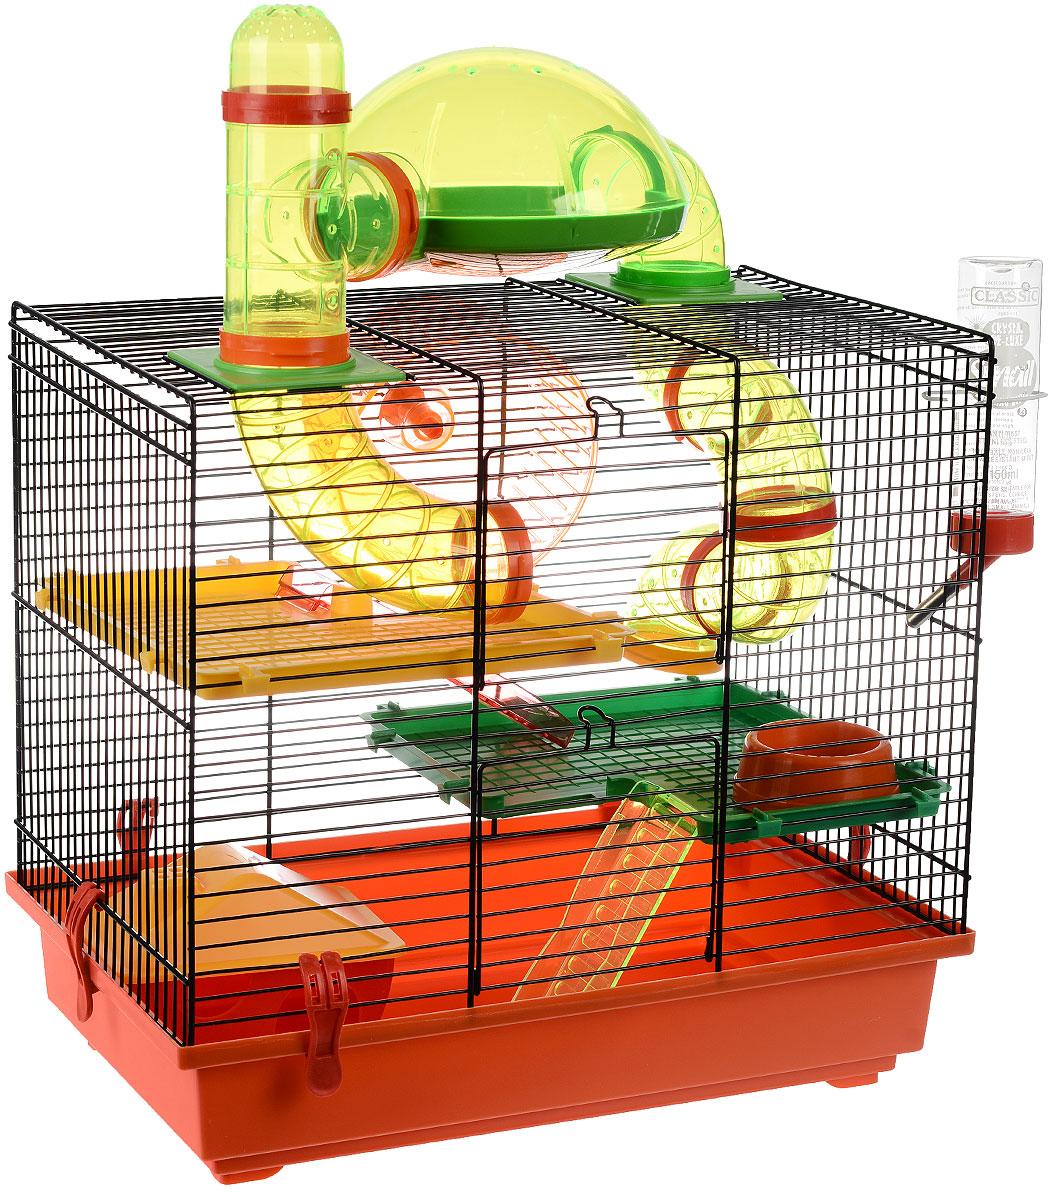 Клетка для грызунов I.P.T.S. Rocky, с игровым комплексом, цвет: черный, красный, 43 см х 28 см х 38,5 см клетка для грызунов i p t s mini с игровым комплексом 32 см х 20 см х 24 см